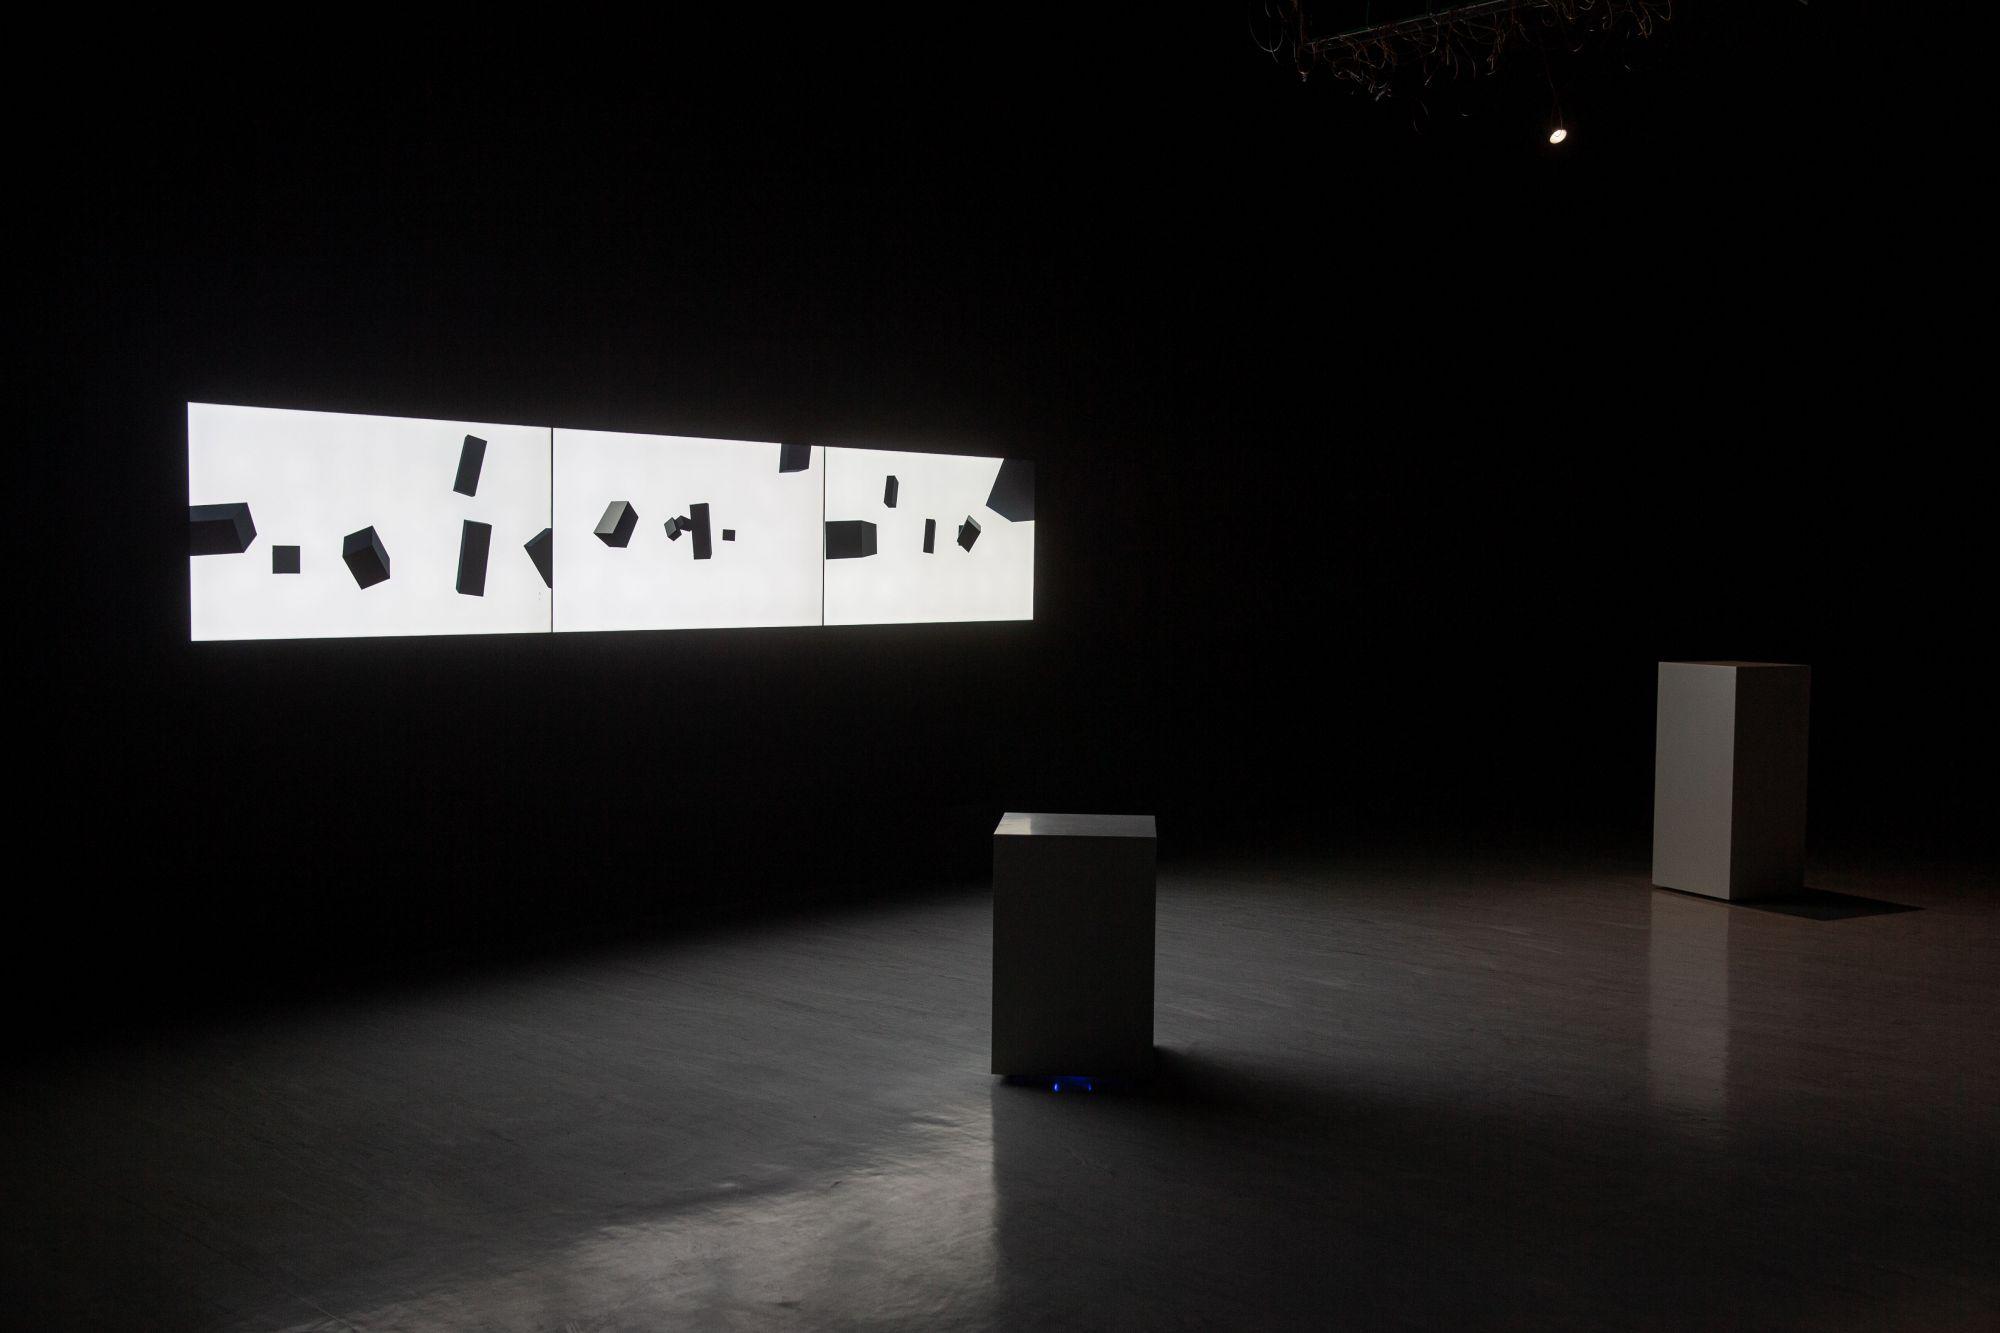 鄭先喻,〈invariable variation〉,機械裝置、顯示器,2020,尺寸依場地而定,臺北市立美術館提供。